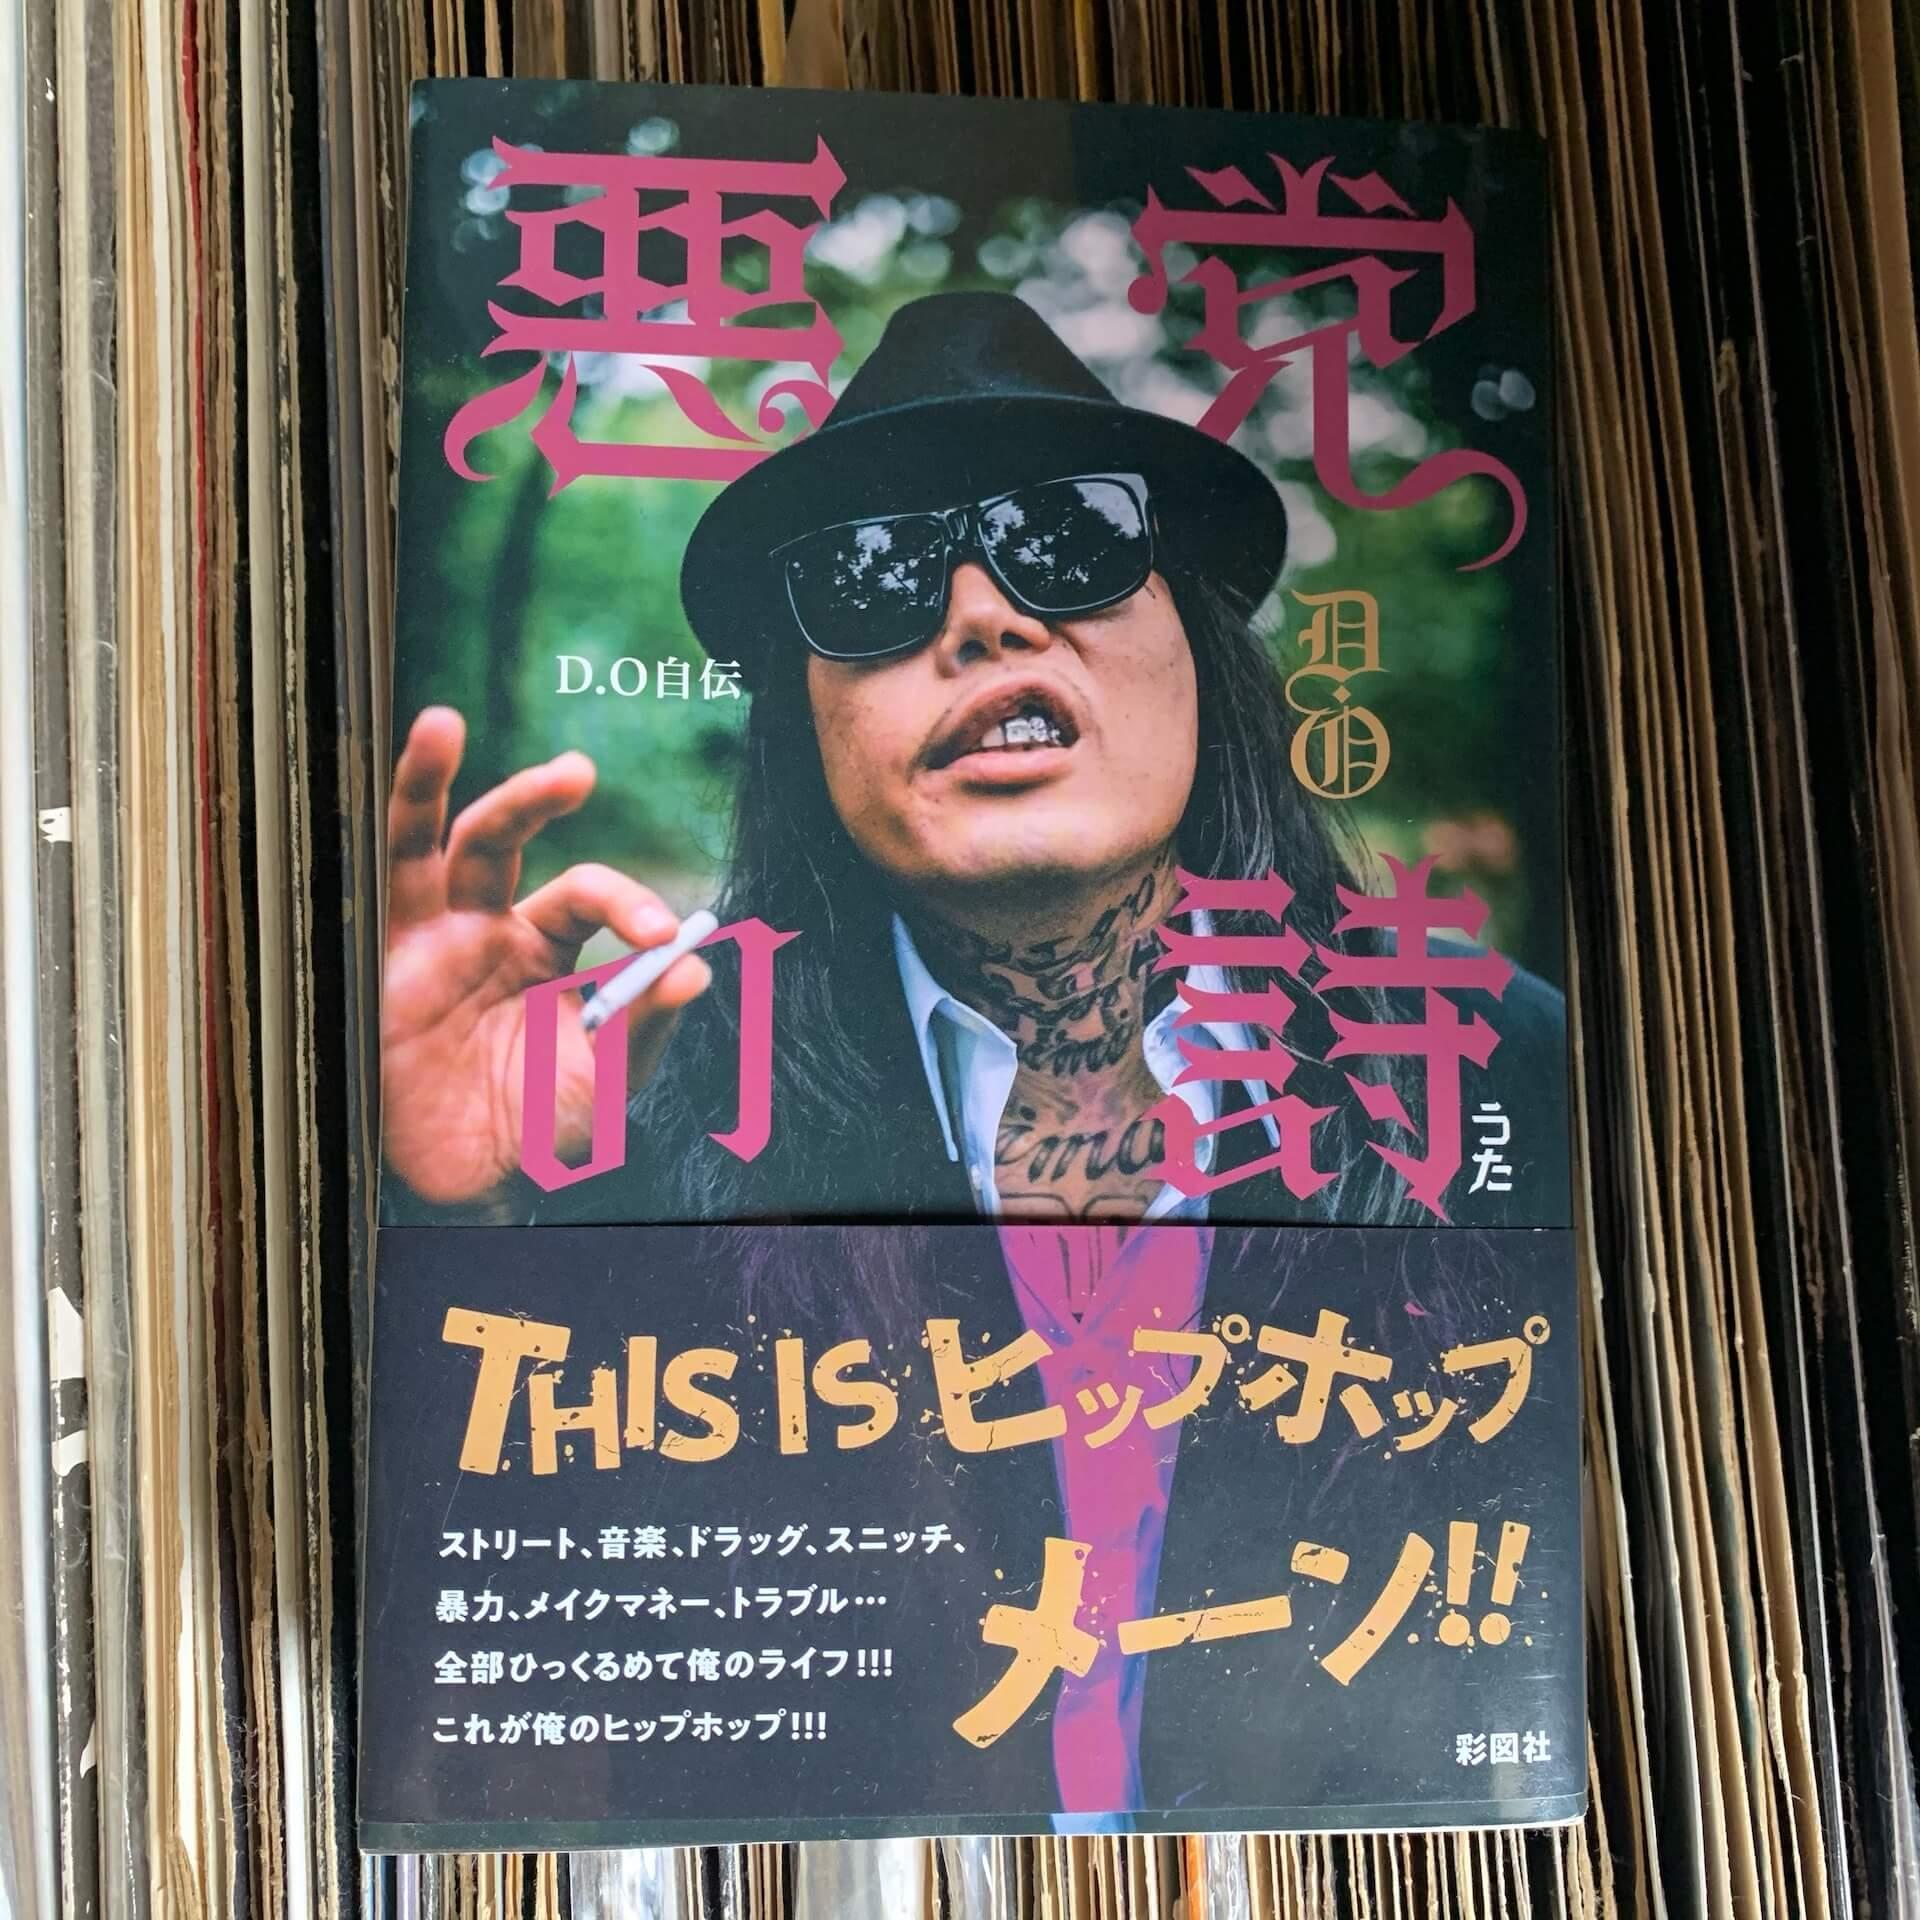 アートブックノススメ:番外編|rkemishi - 『悪党の詩』/D.O art210503_book_rkemishi_3